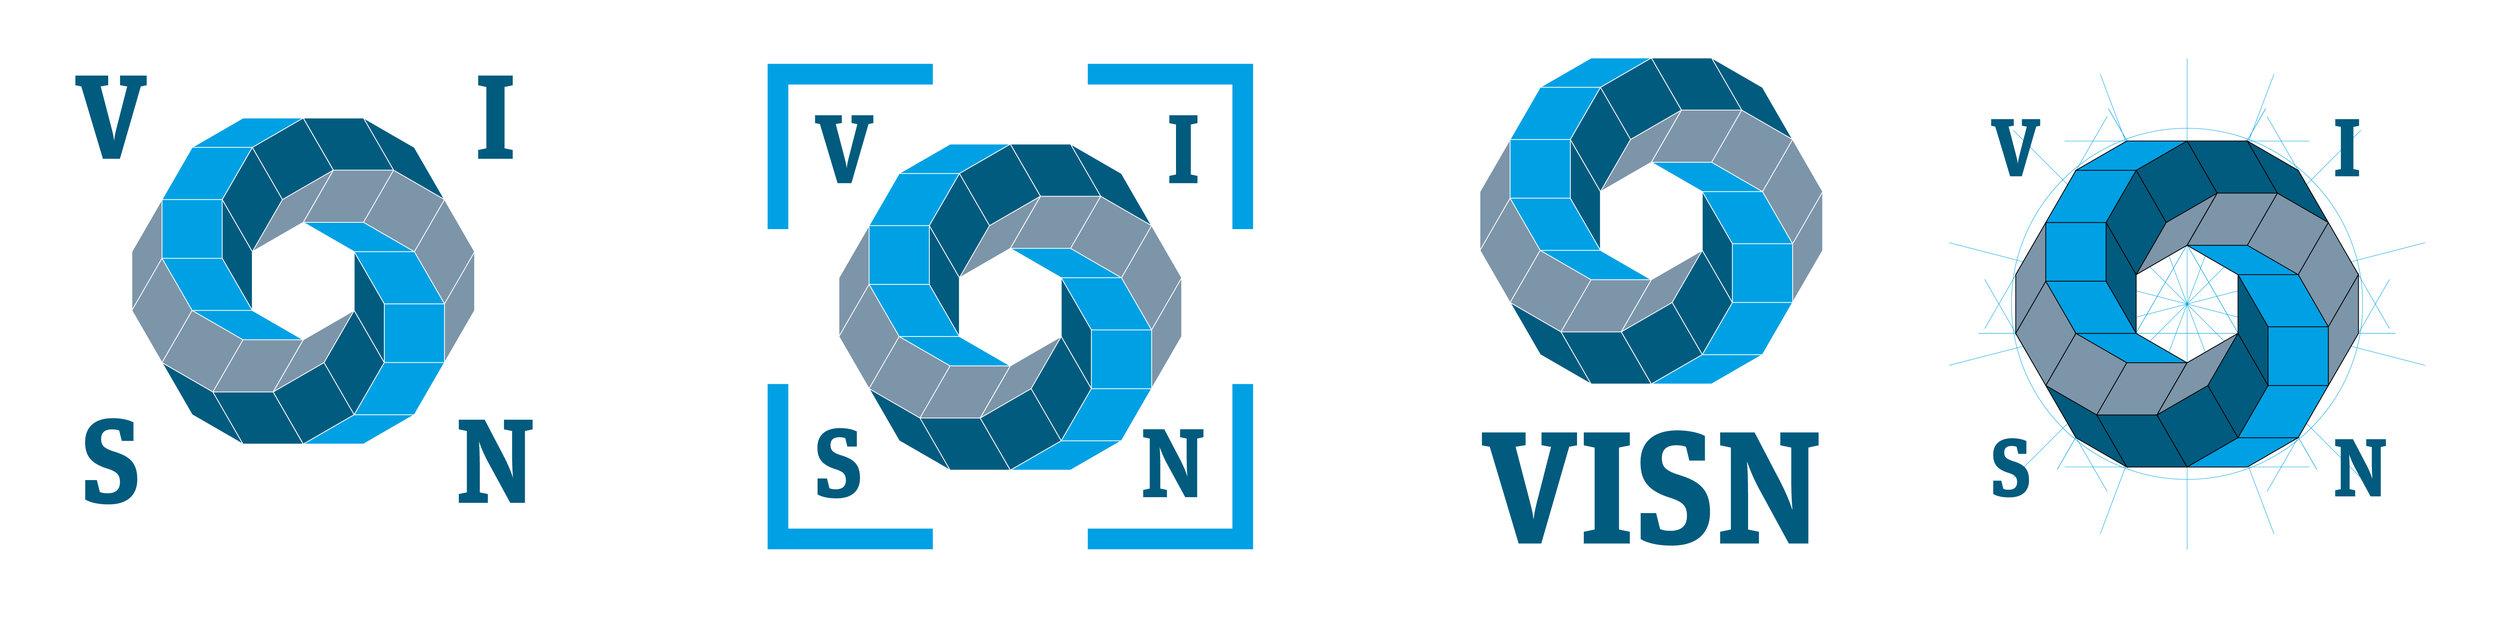 visnmark_line-01-01.jpg